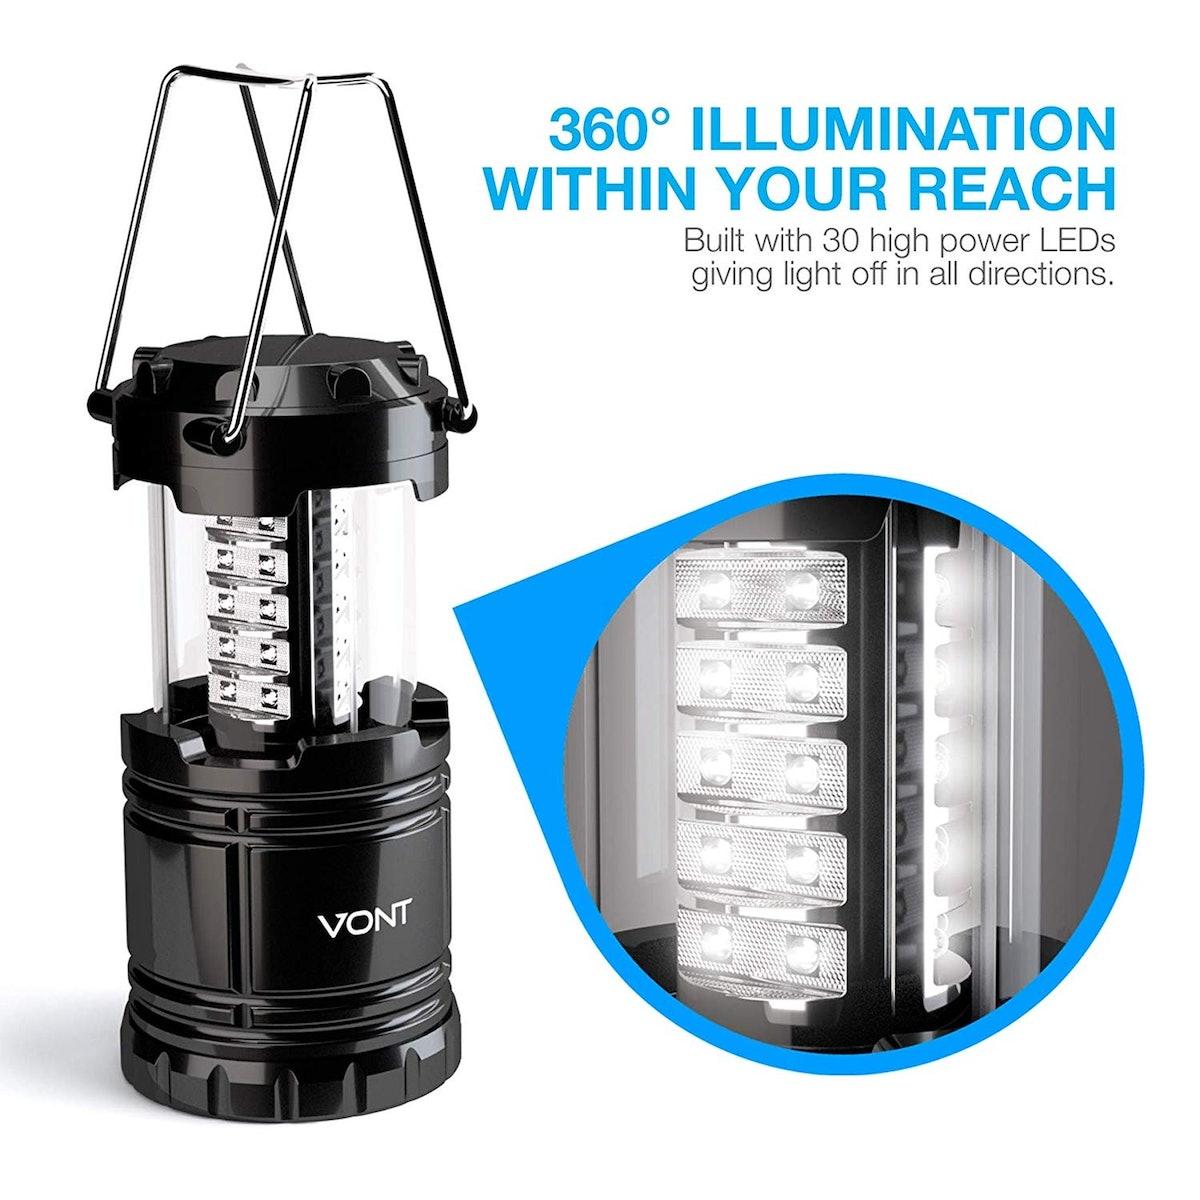 Vont LED Camping Lanterns (2 Pack)